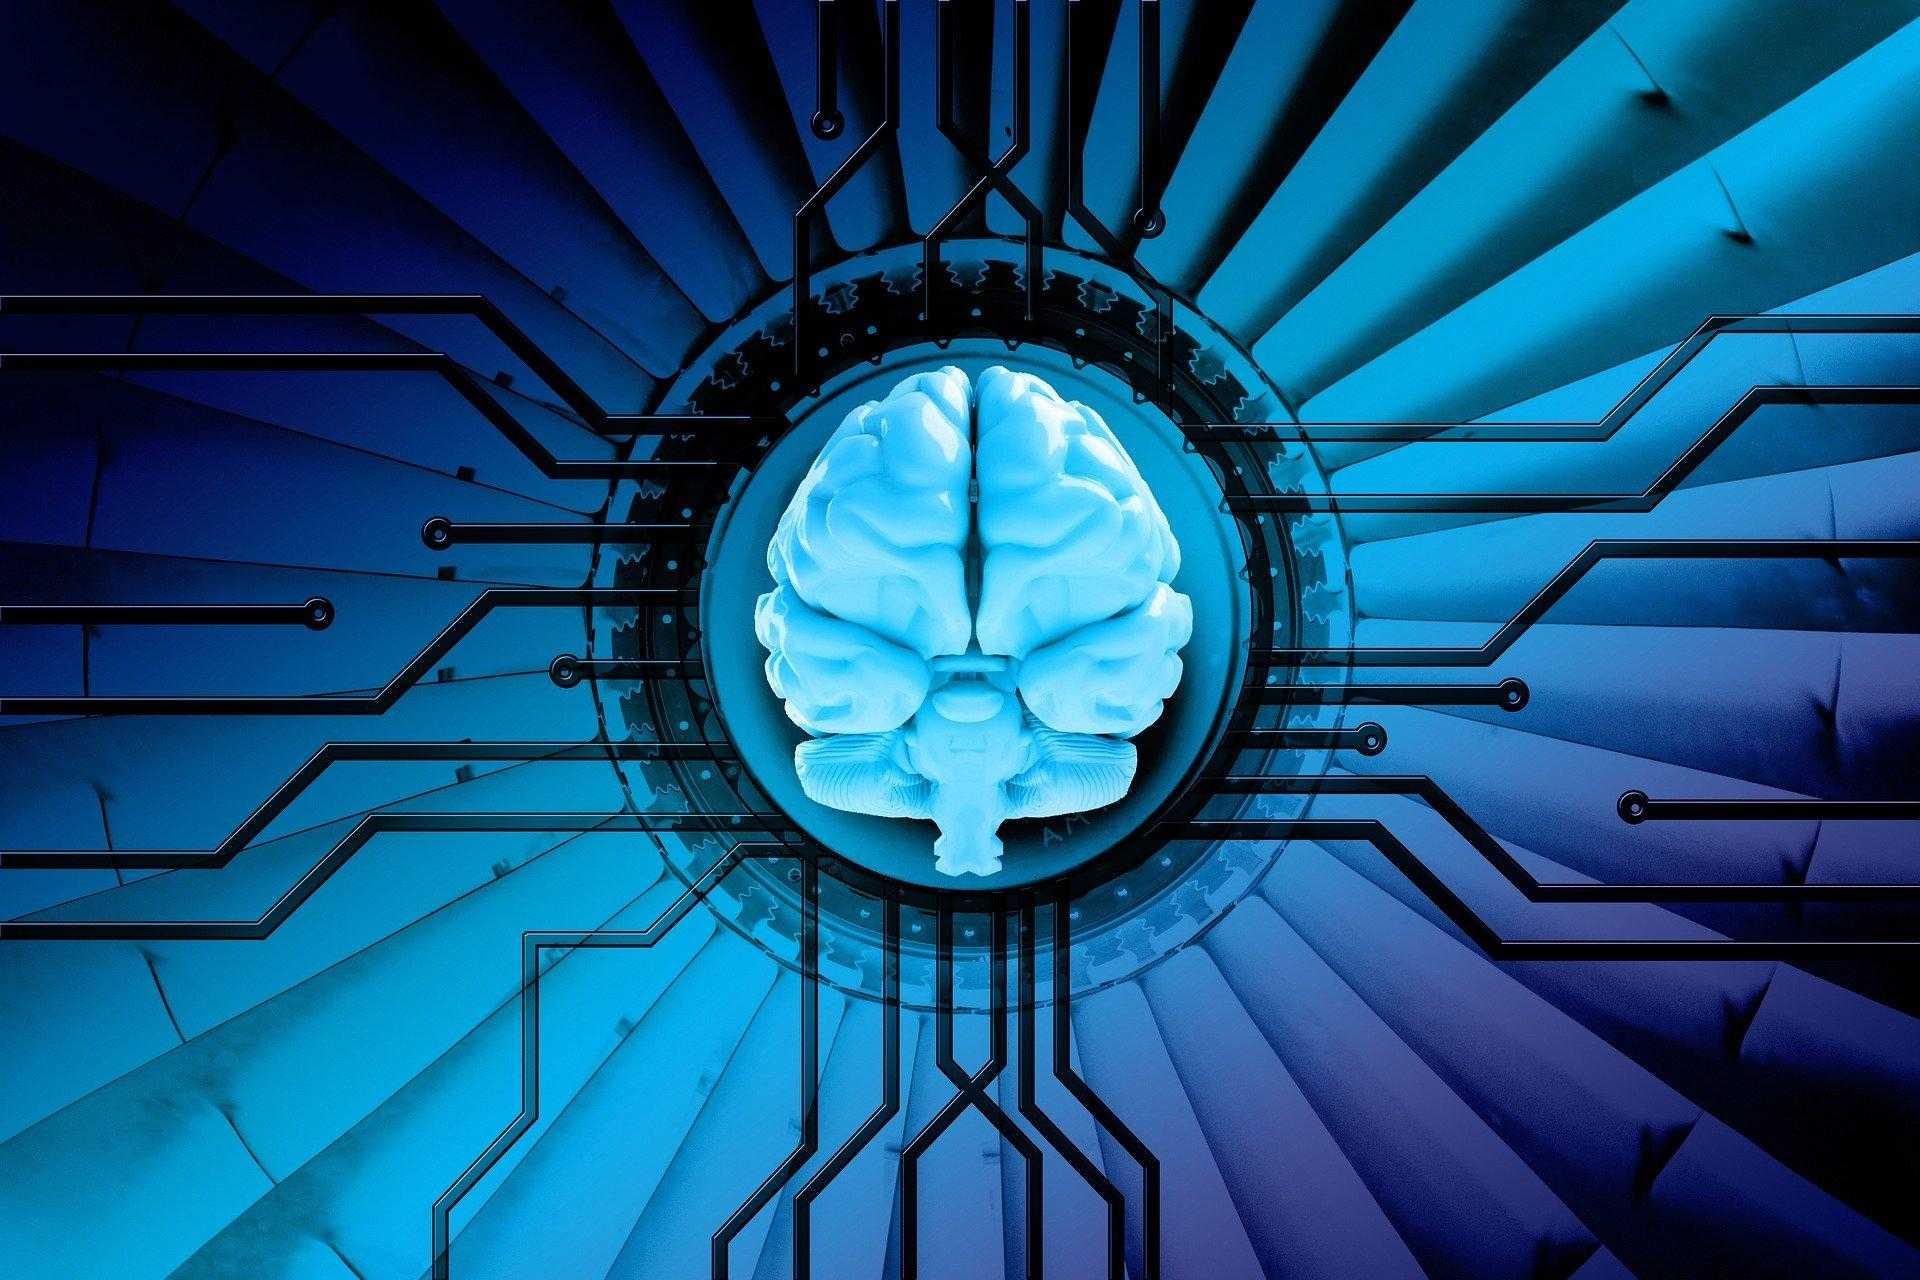 5 applicazioni delle reti neurali che già utilizziamo (senza saperlo)